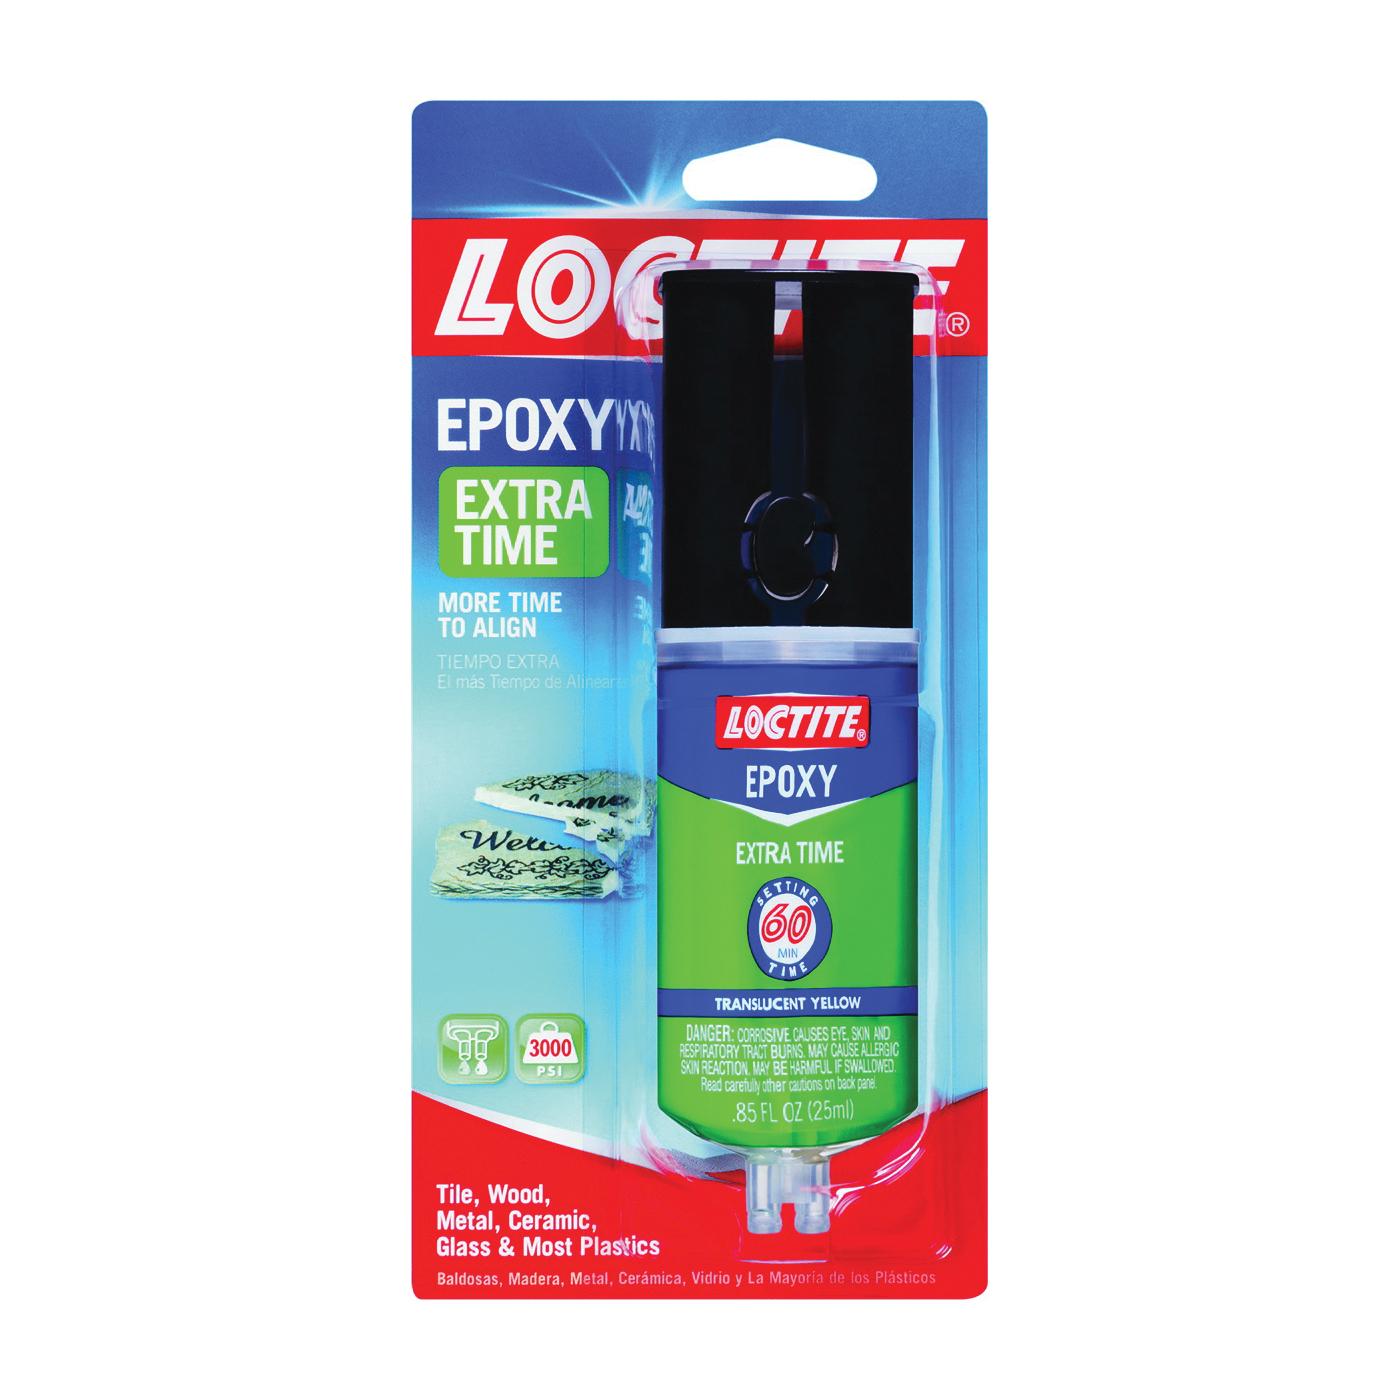 Loctite 1405603